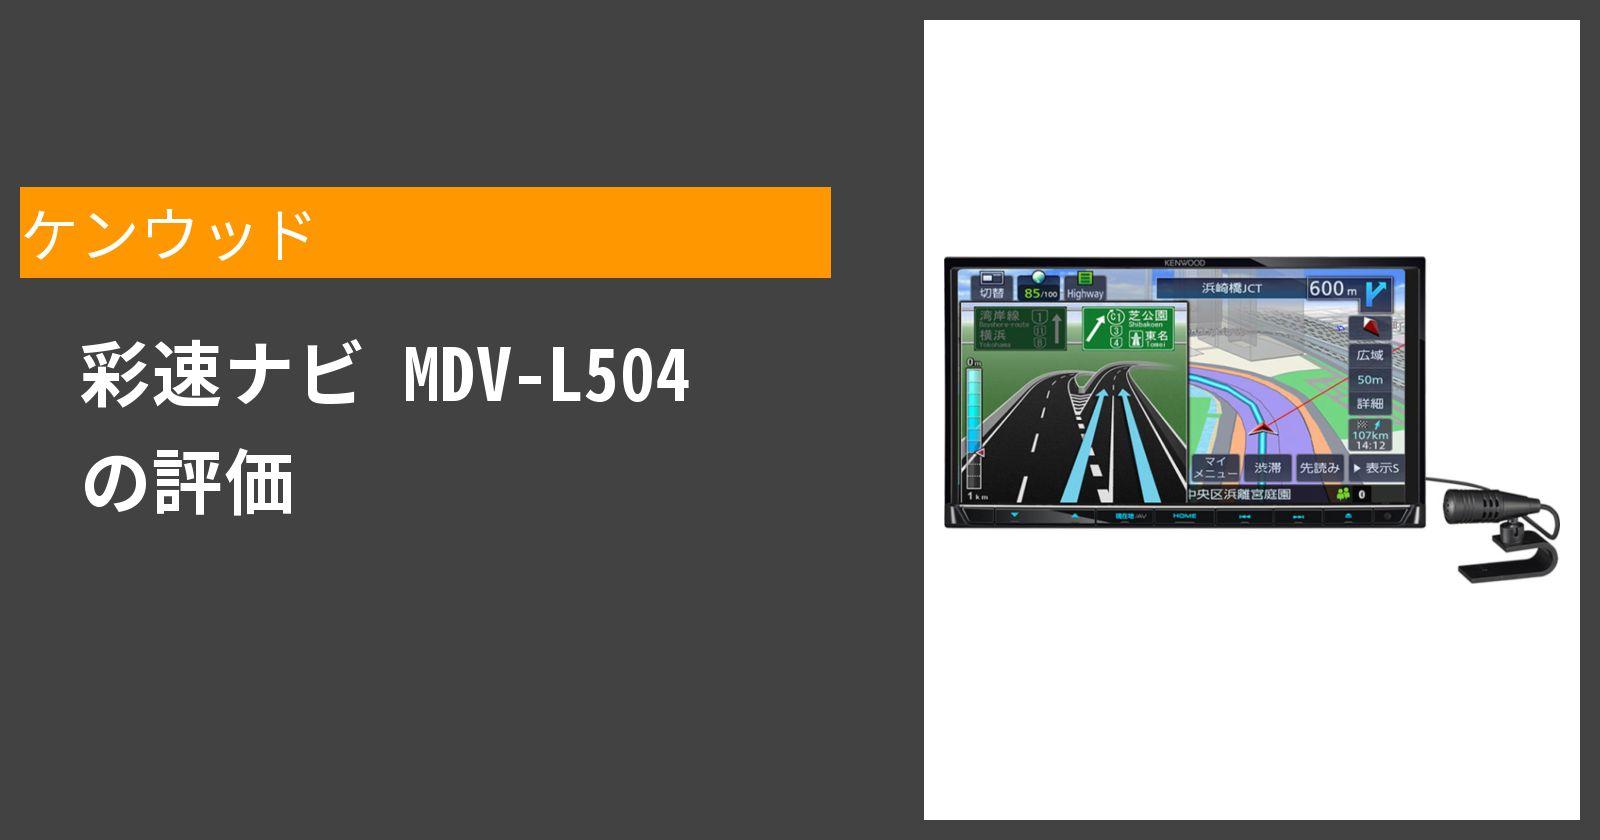 彩速ナビ MDV-L504を徹底評価